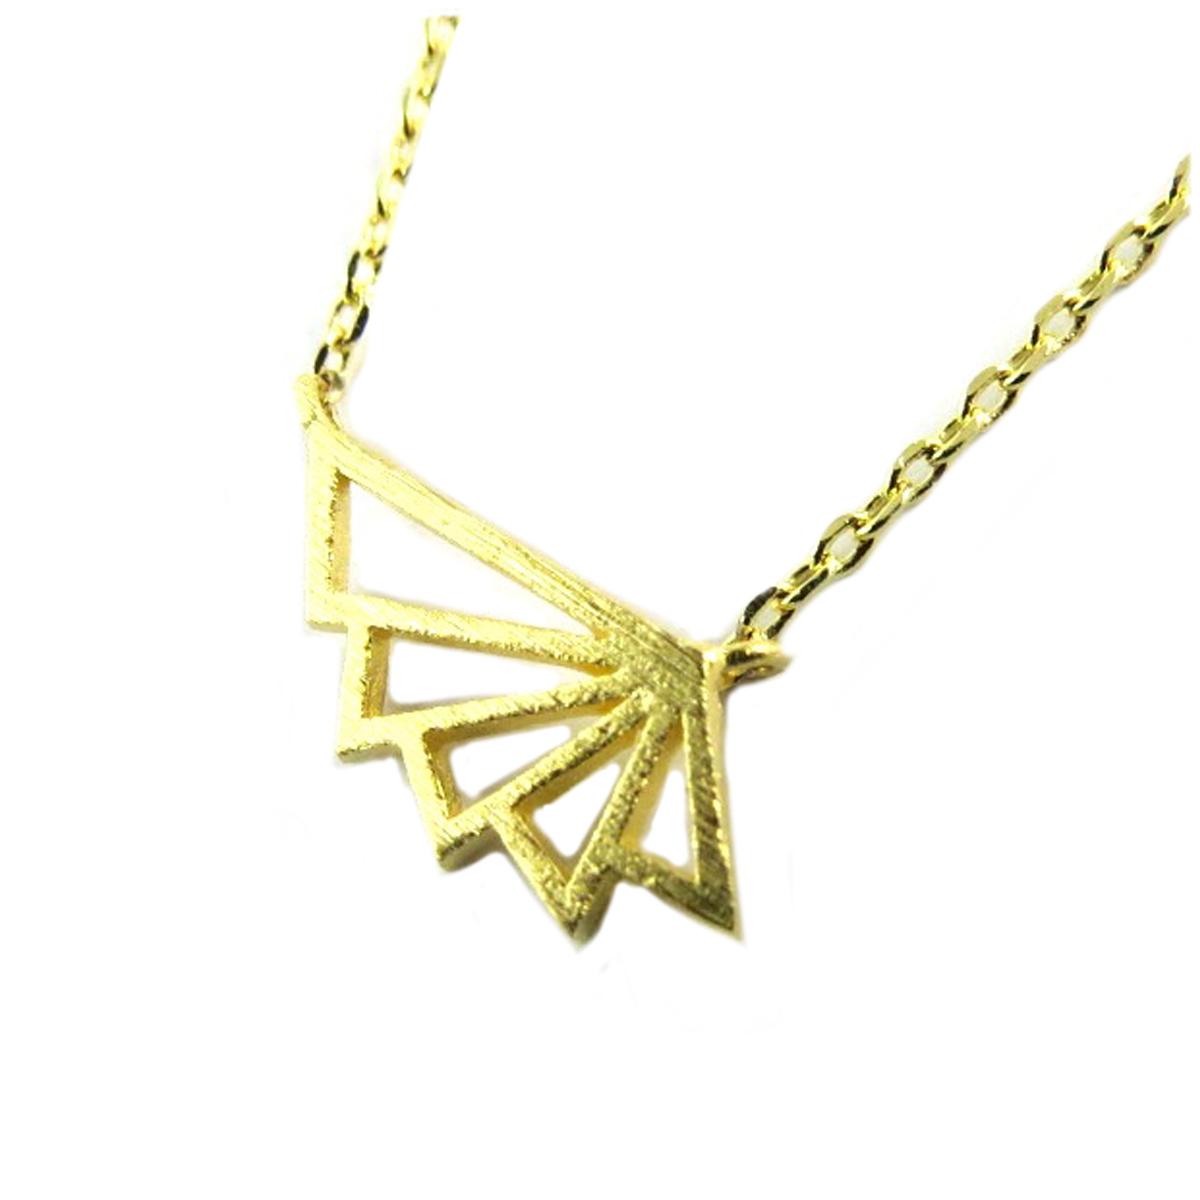 Collier artisanal \'Origami\' (éventail) doré - 15x5 mm - [Q1506]